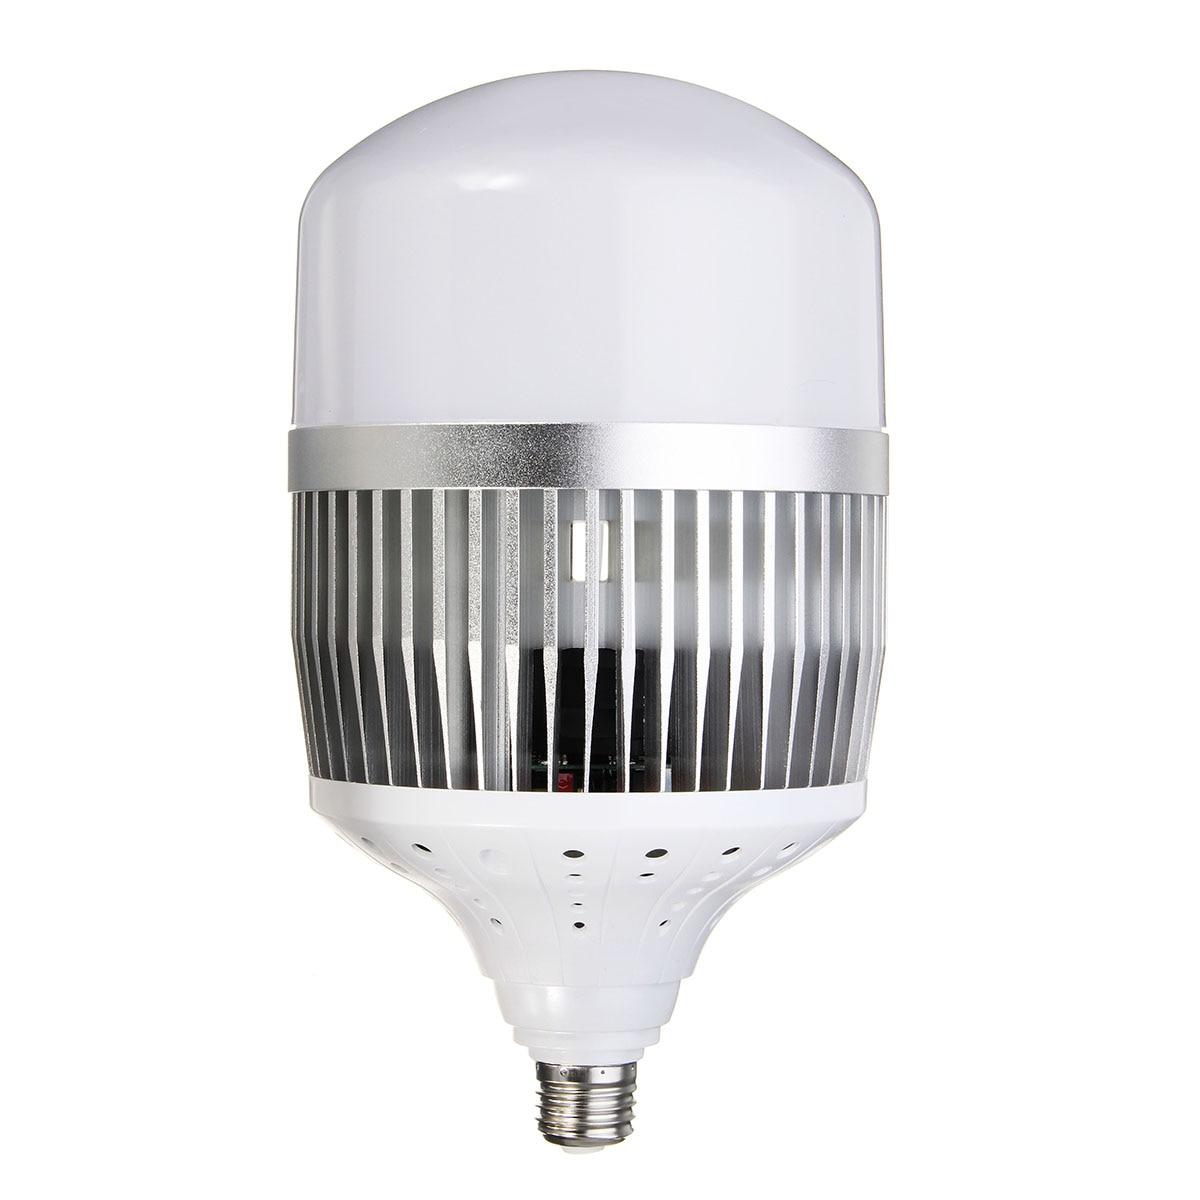 Ampoule de lumière LED blanche Pure blanche chaude de suffisance E27 200 W 20000LM SMD3030 pour le AC85-265V d'industrie d'usine